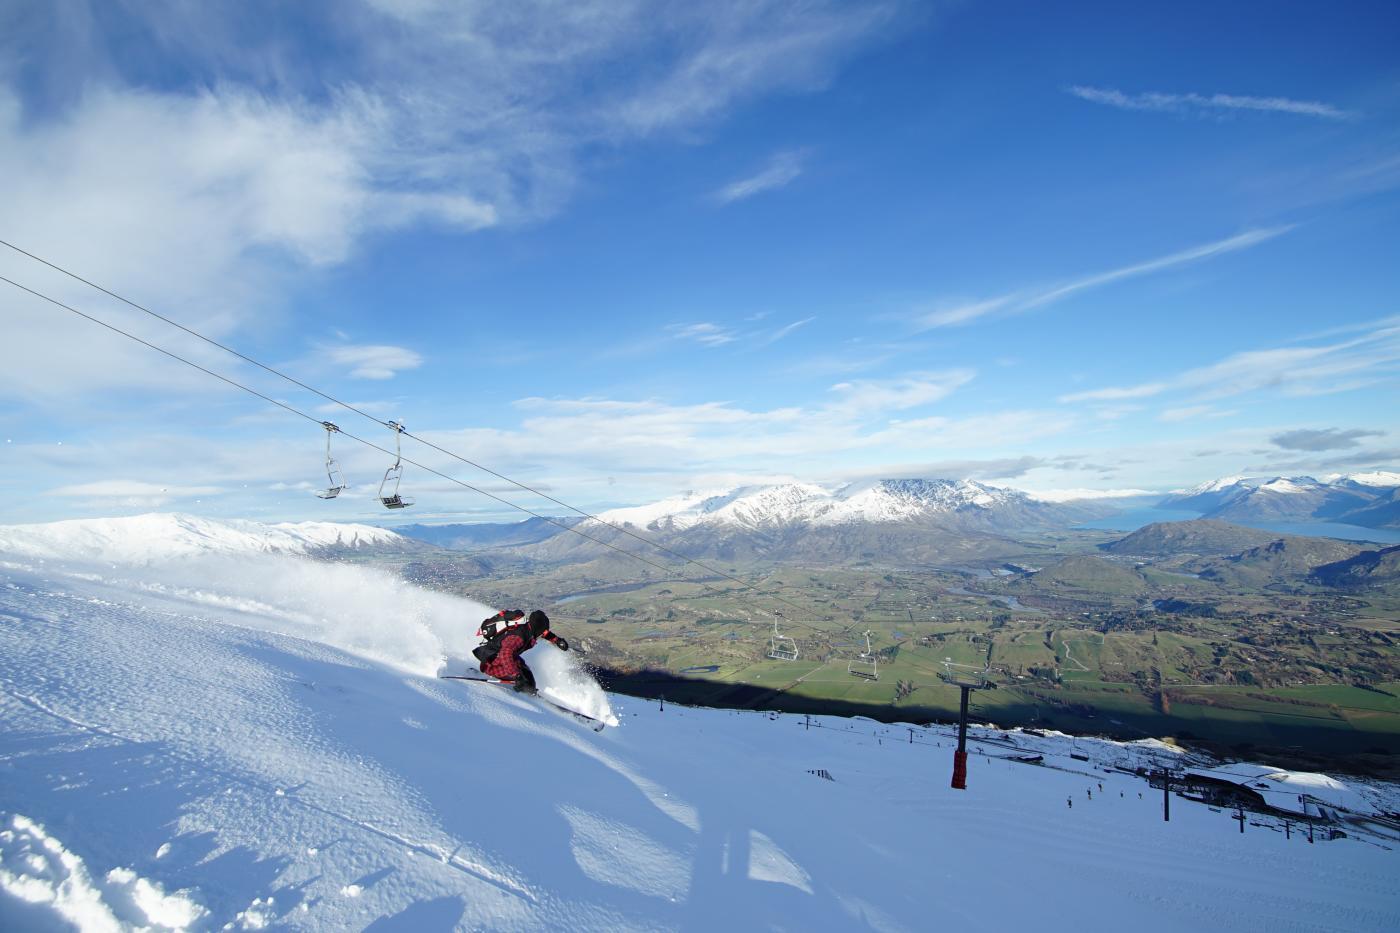 Skier at Coronet Peak during Spring